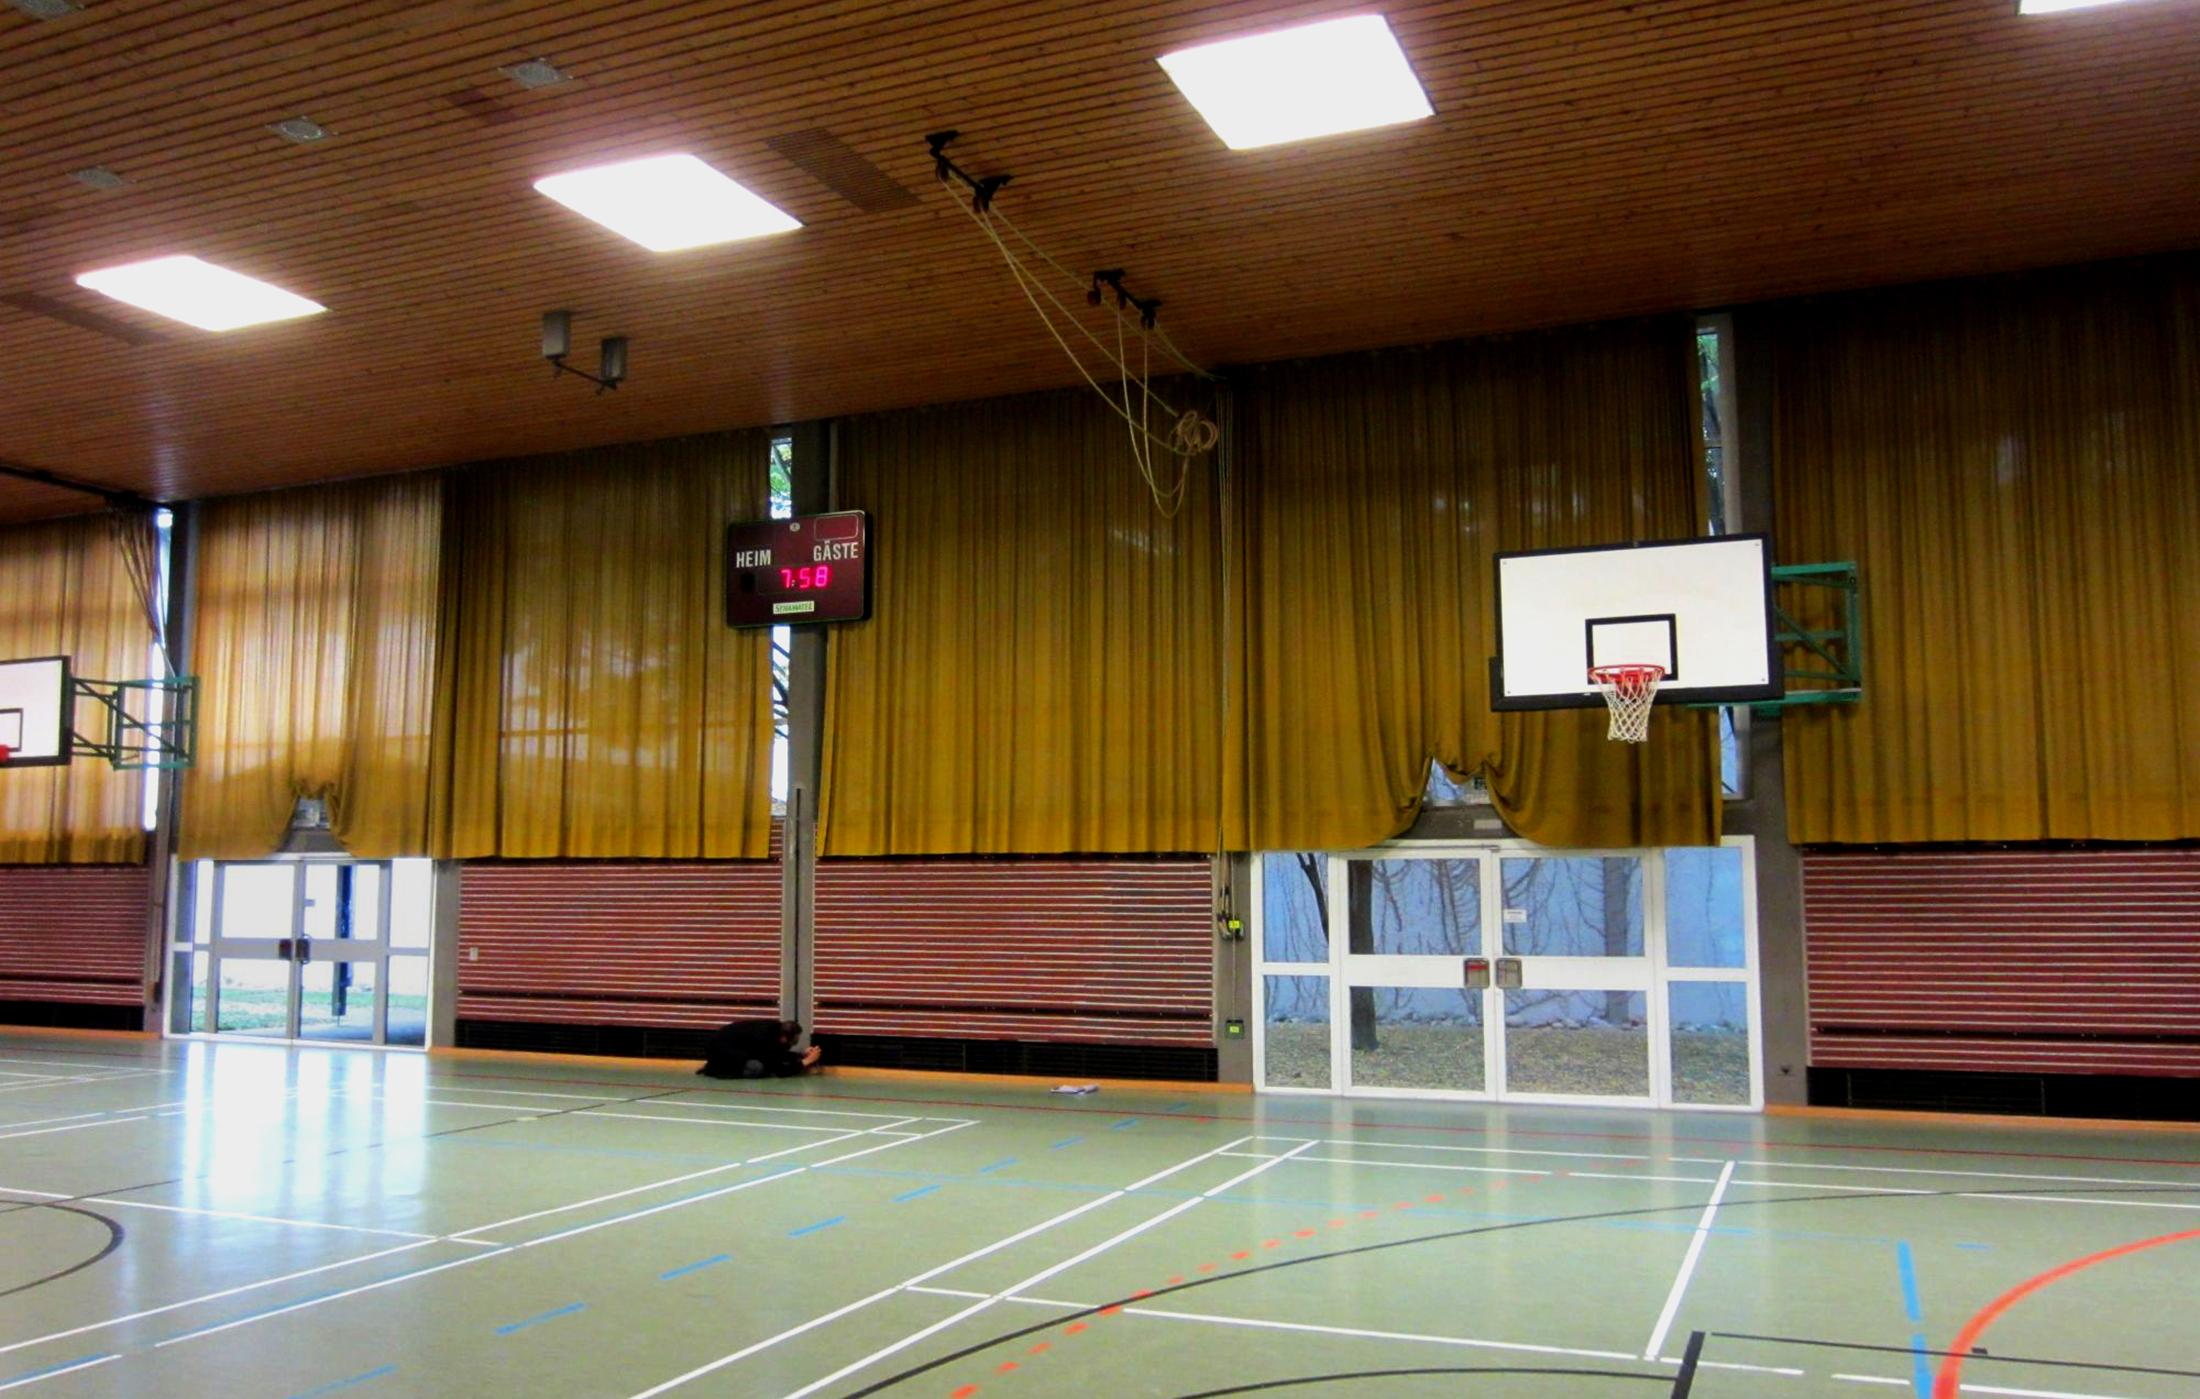 2017, Sulmturnhalle und Pichterichhalle, Neckarsulm